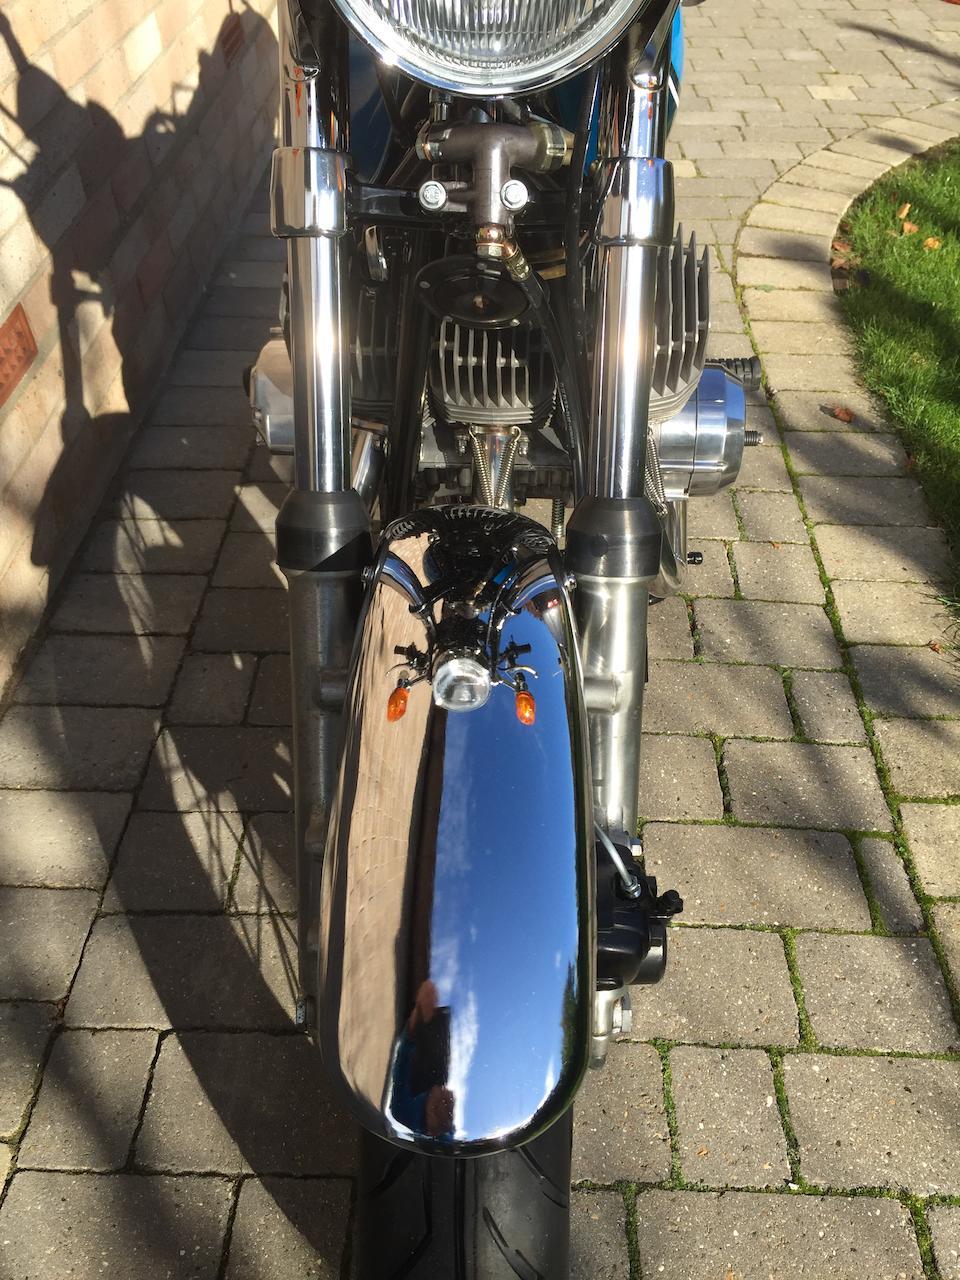 1976 Kawasaki 498cc KH500 Frame no. H1F 52211 Engine no. KAE 122320